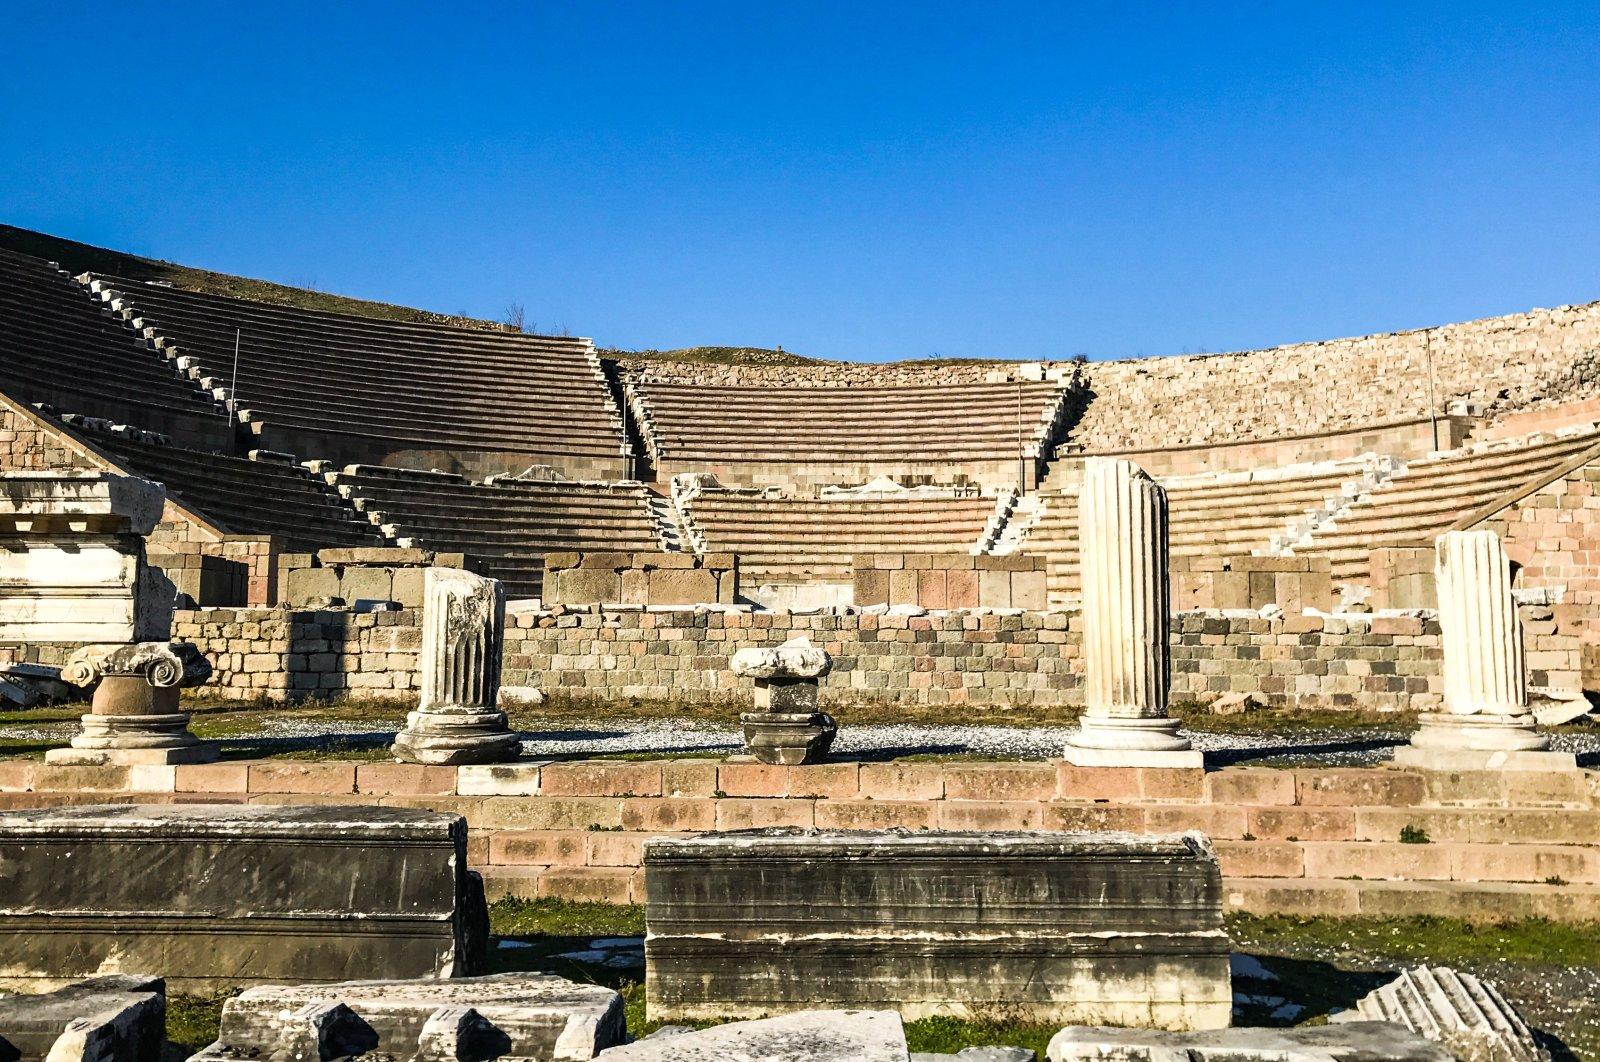 The theater at Asklepion, Izmir. (Photo by Argun Konuk)